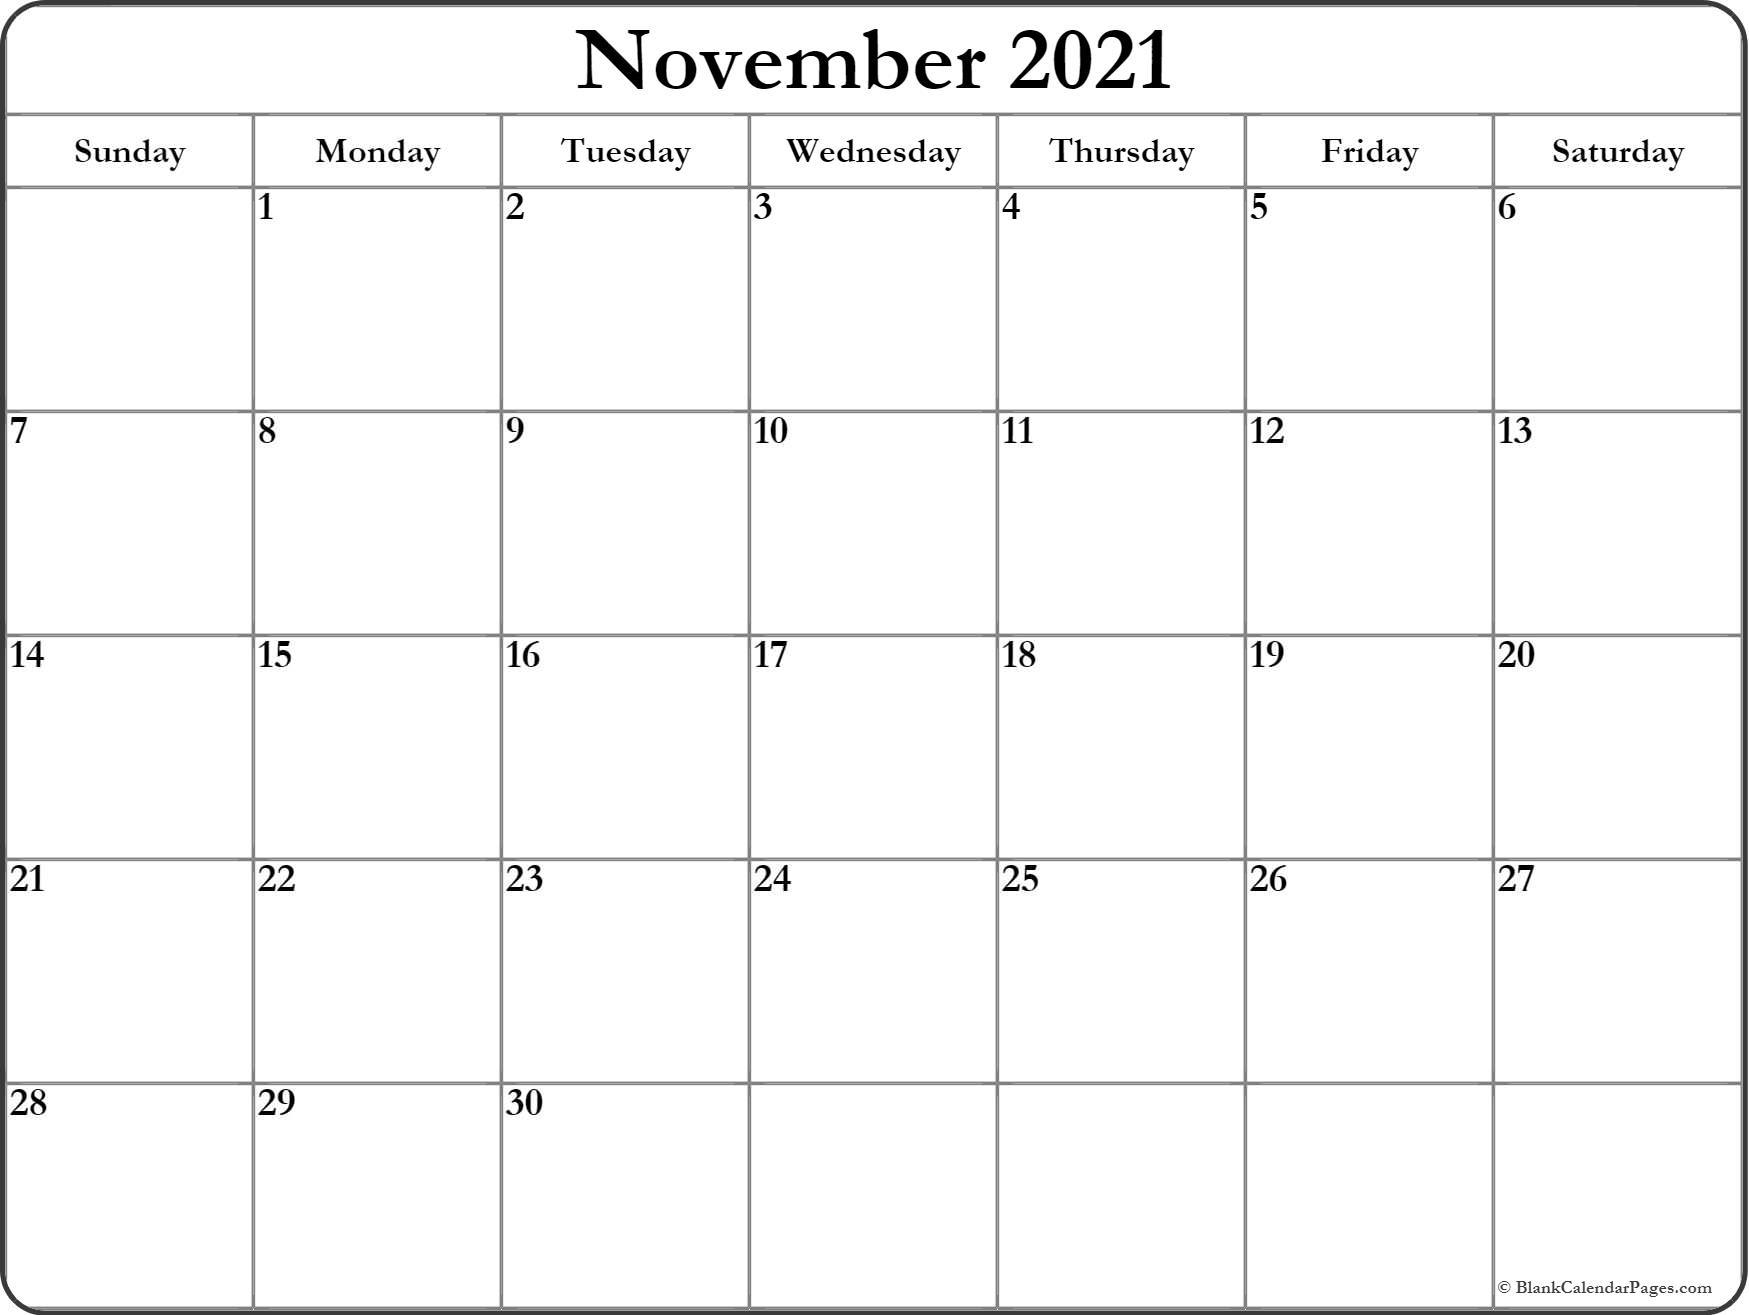 November 2021 Calendar | Free Printable Monthly Calendars With Regard To Calendar With November 2021 Mexican Names